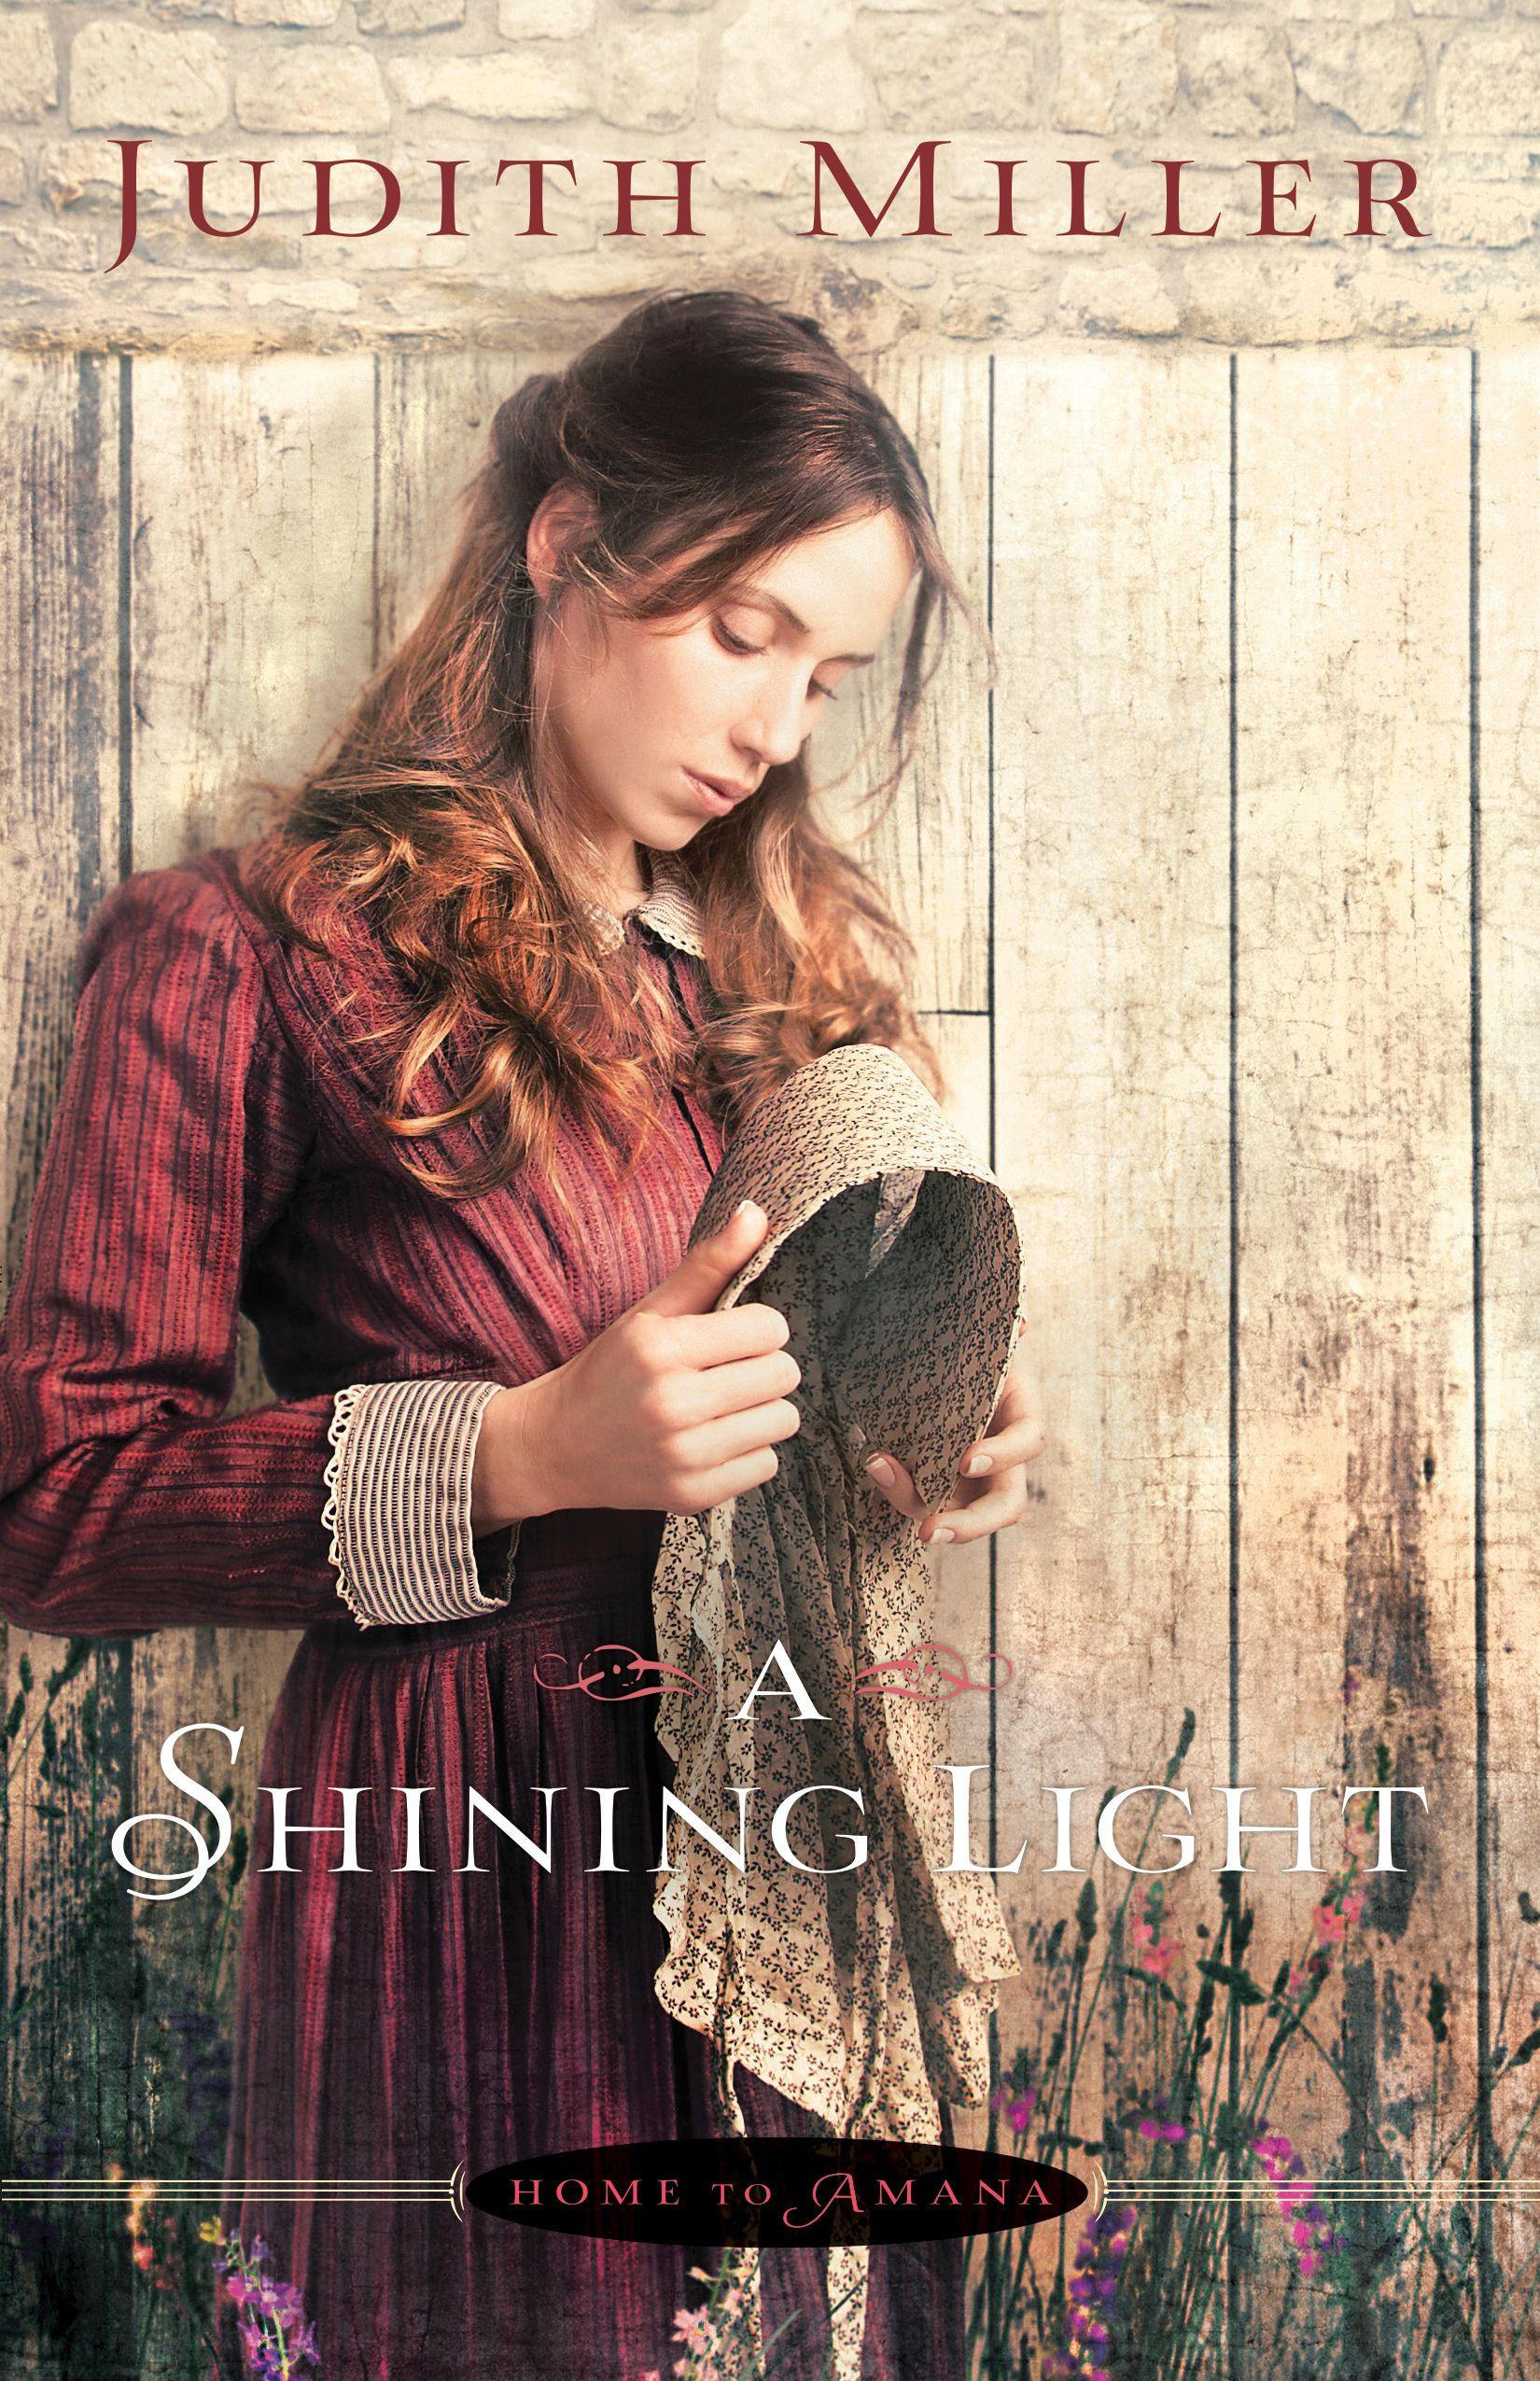 Judith Miller - A Shining Light